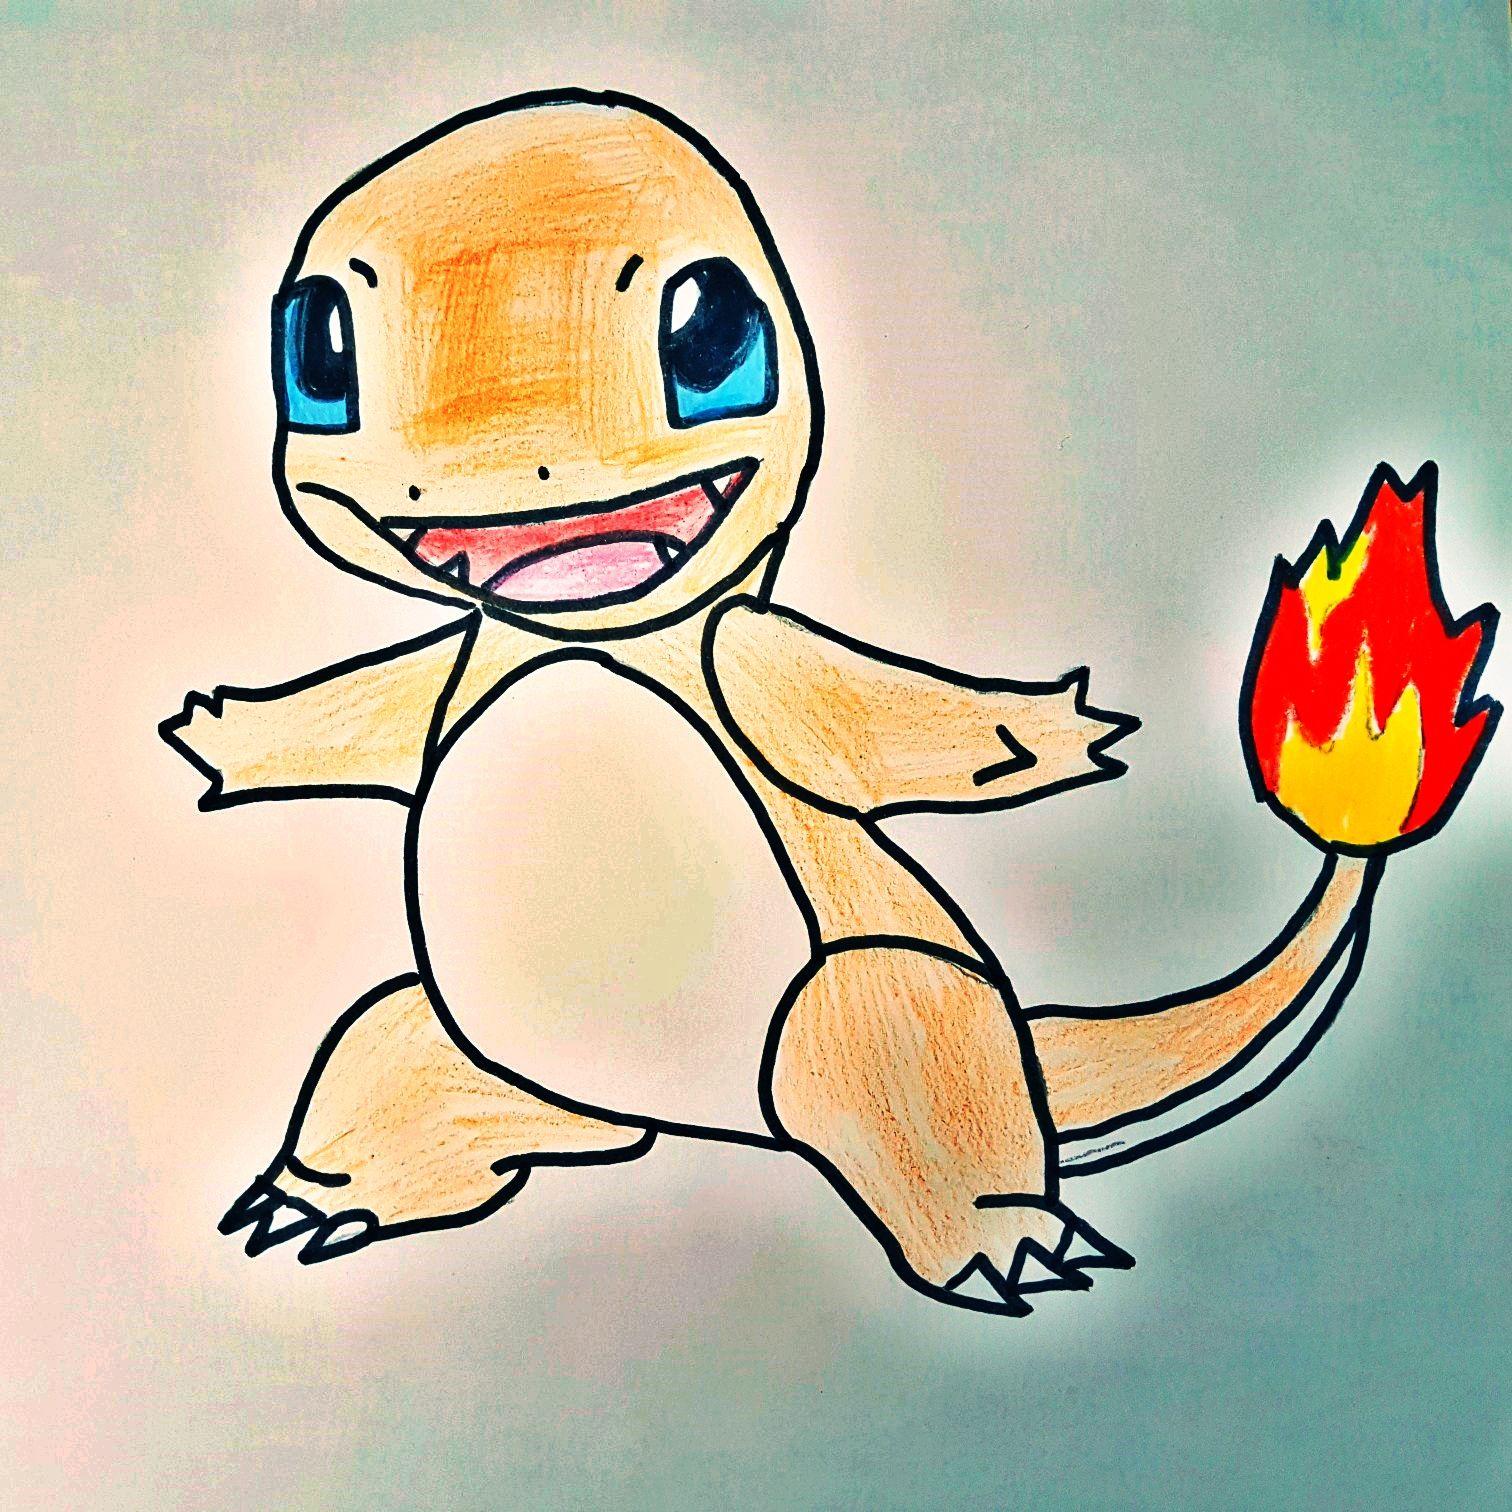 Anleitung Zum Zeichnen Von Dem Pokemon Glumanda Diy Art